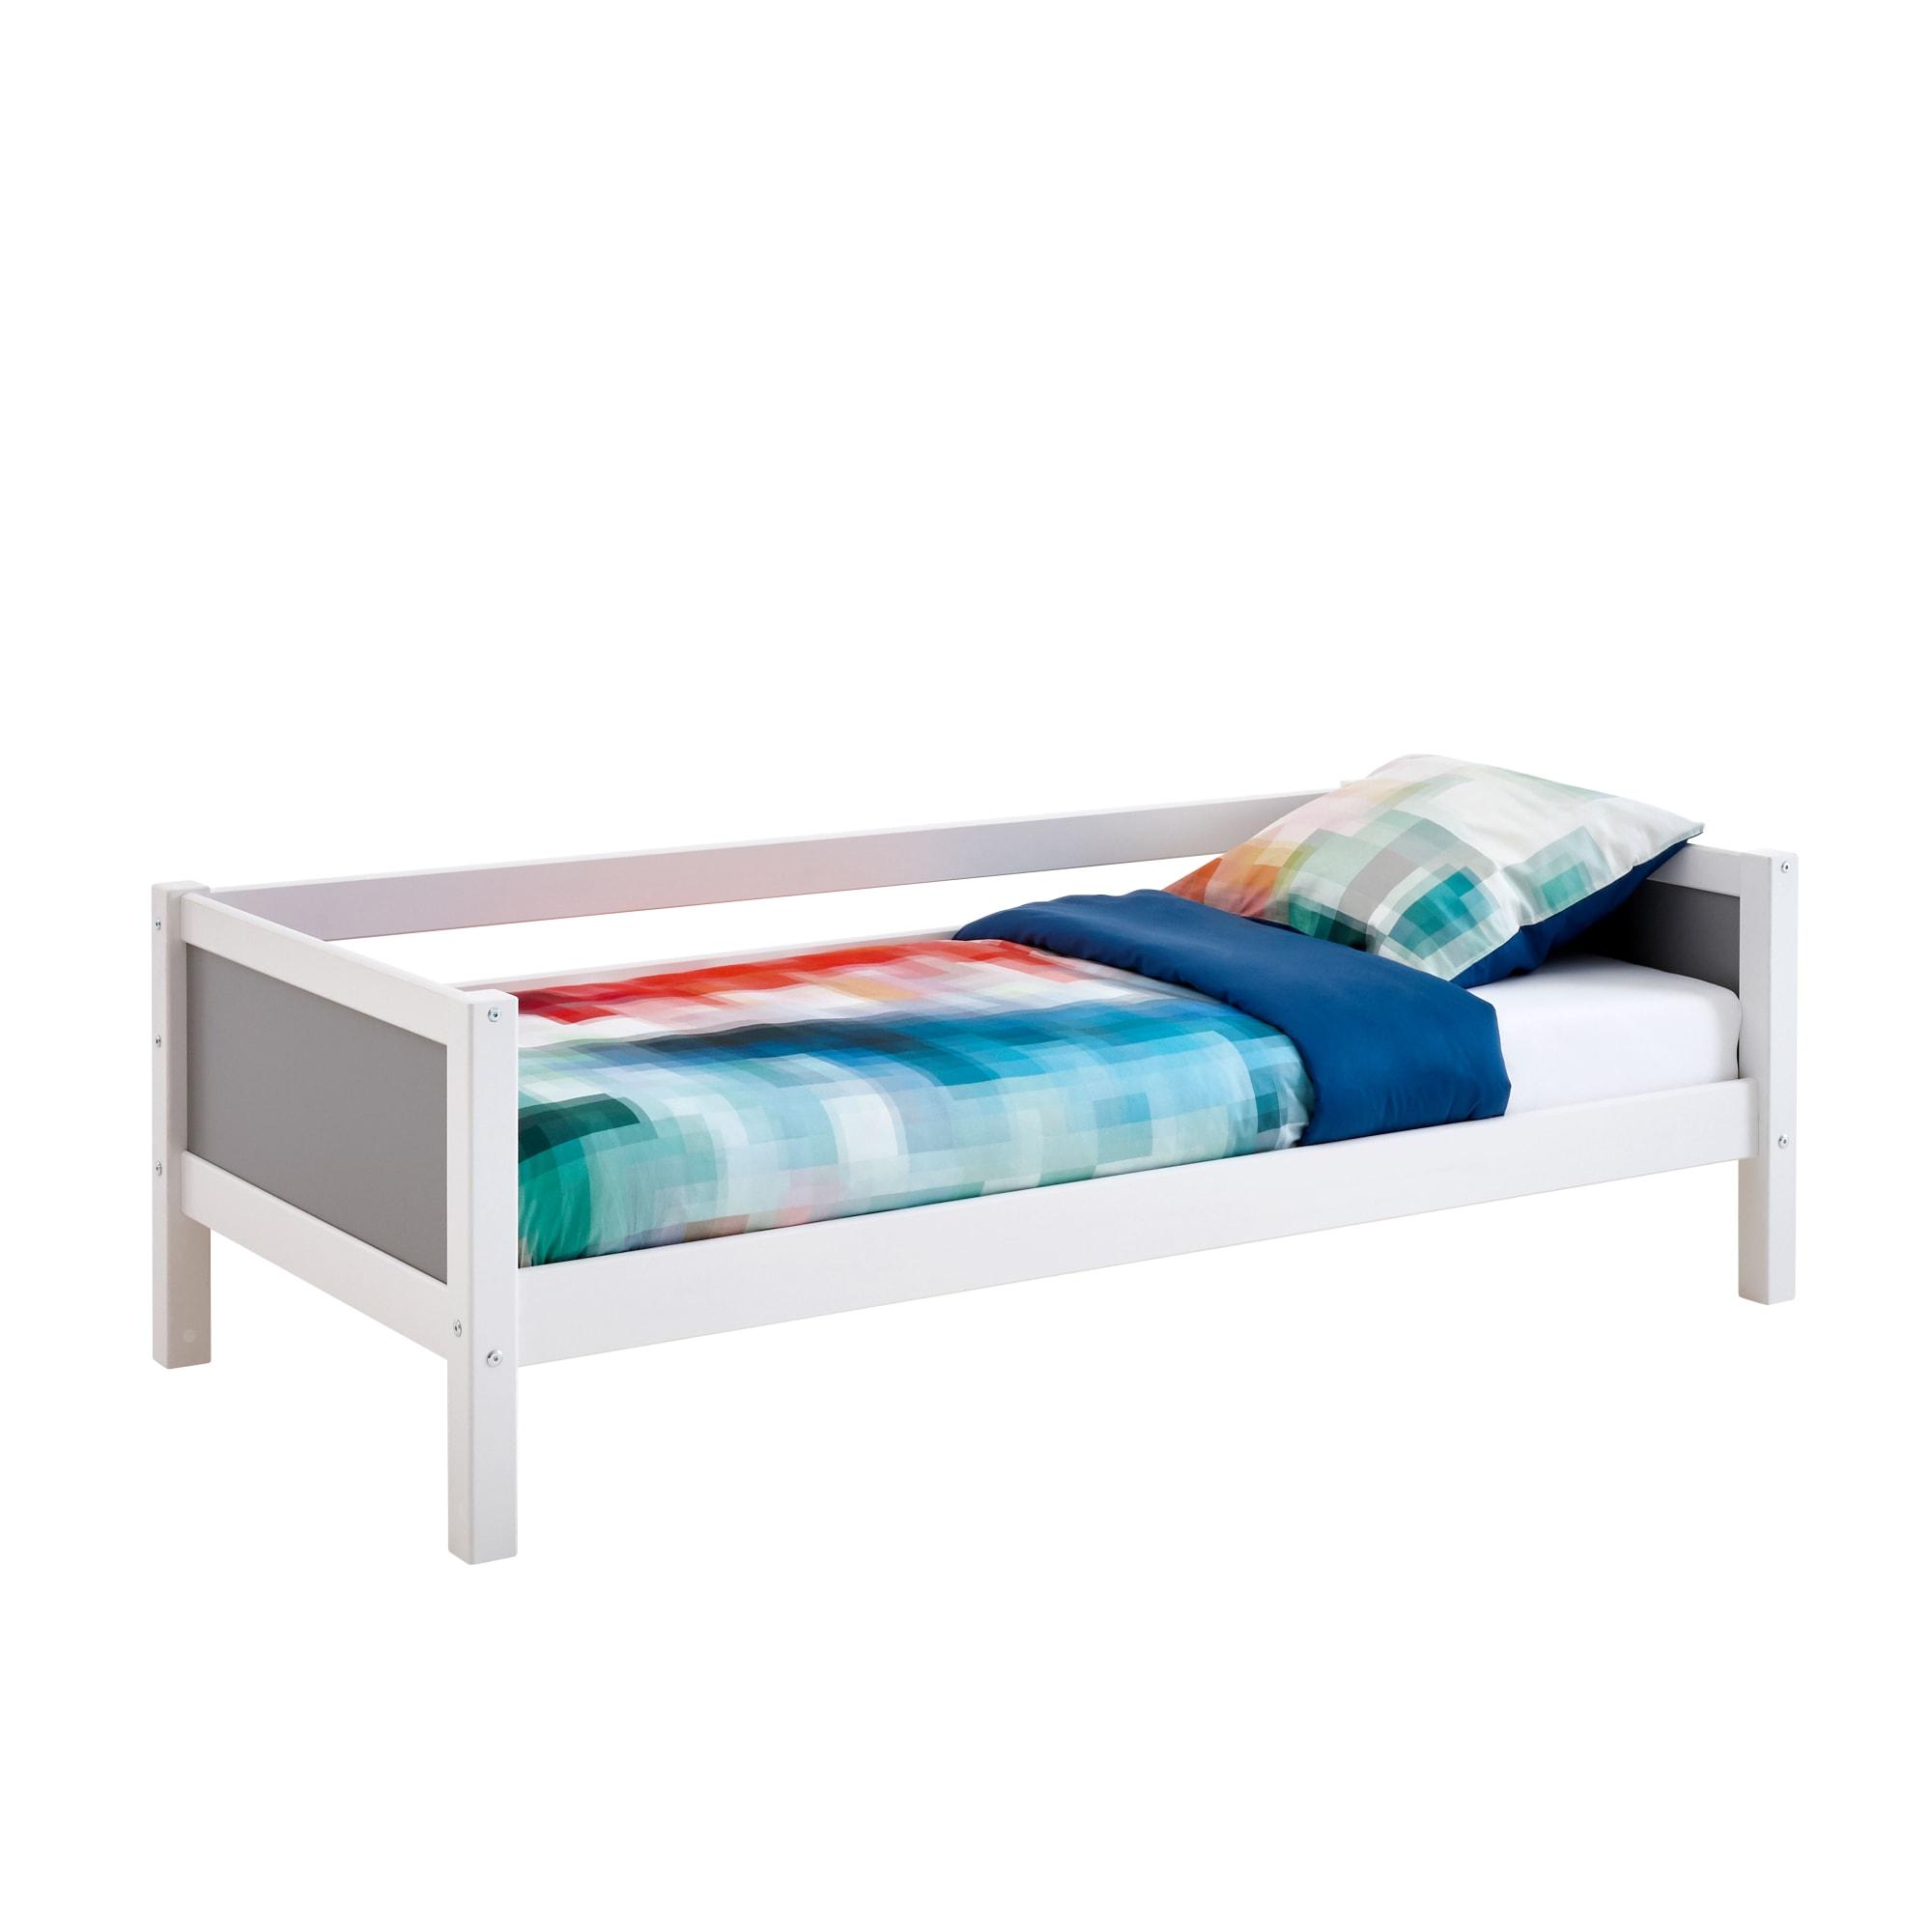 90 x 200 cm - Med sengehest til den ene side og grå gavle